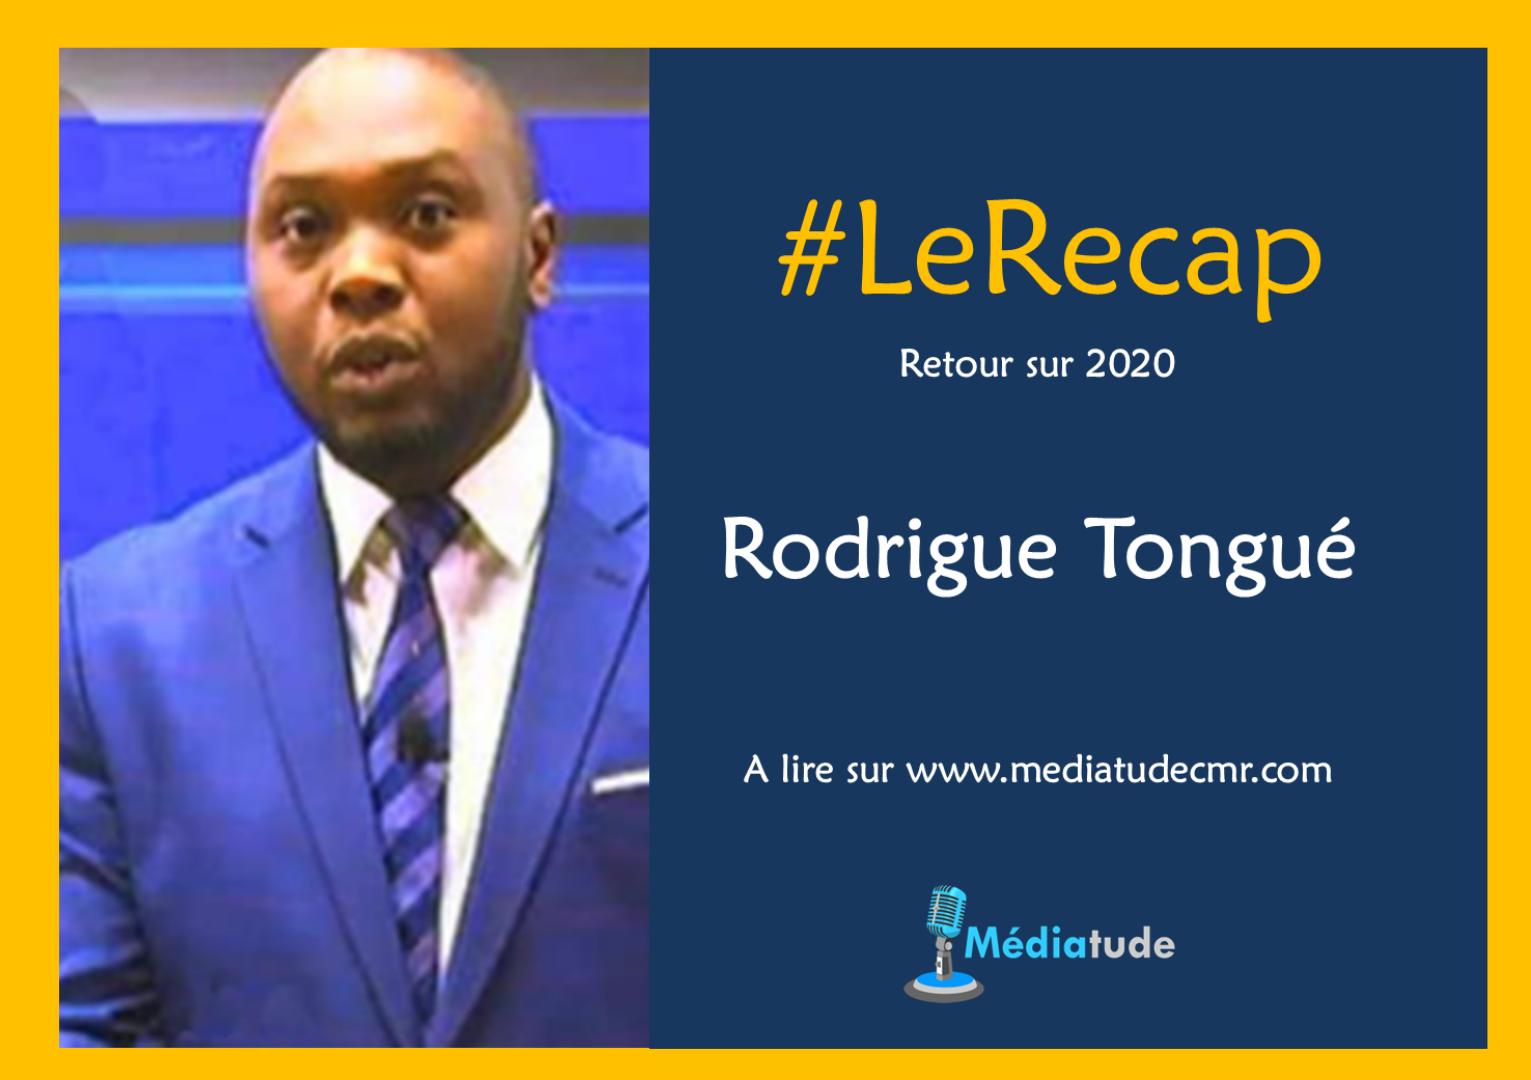 Rodrigue Tongué fait son récap de l'année média 2020